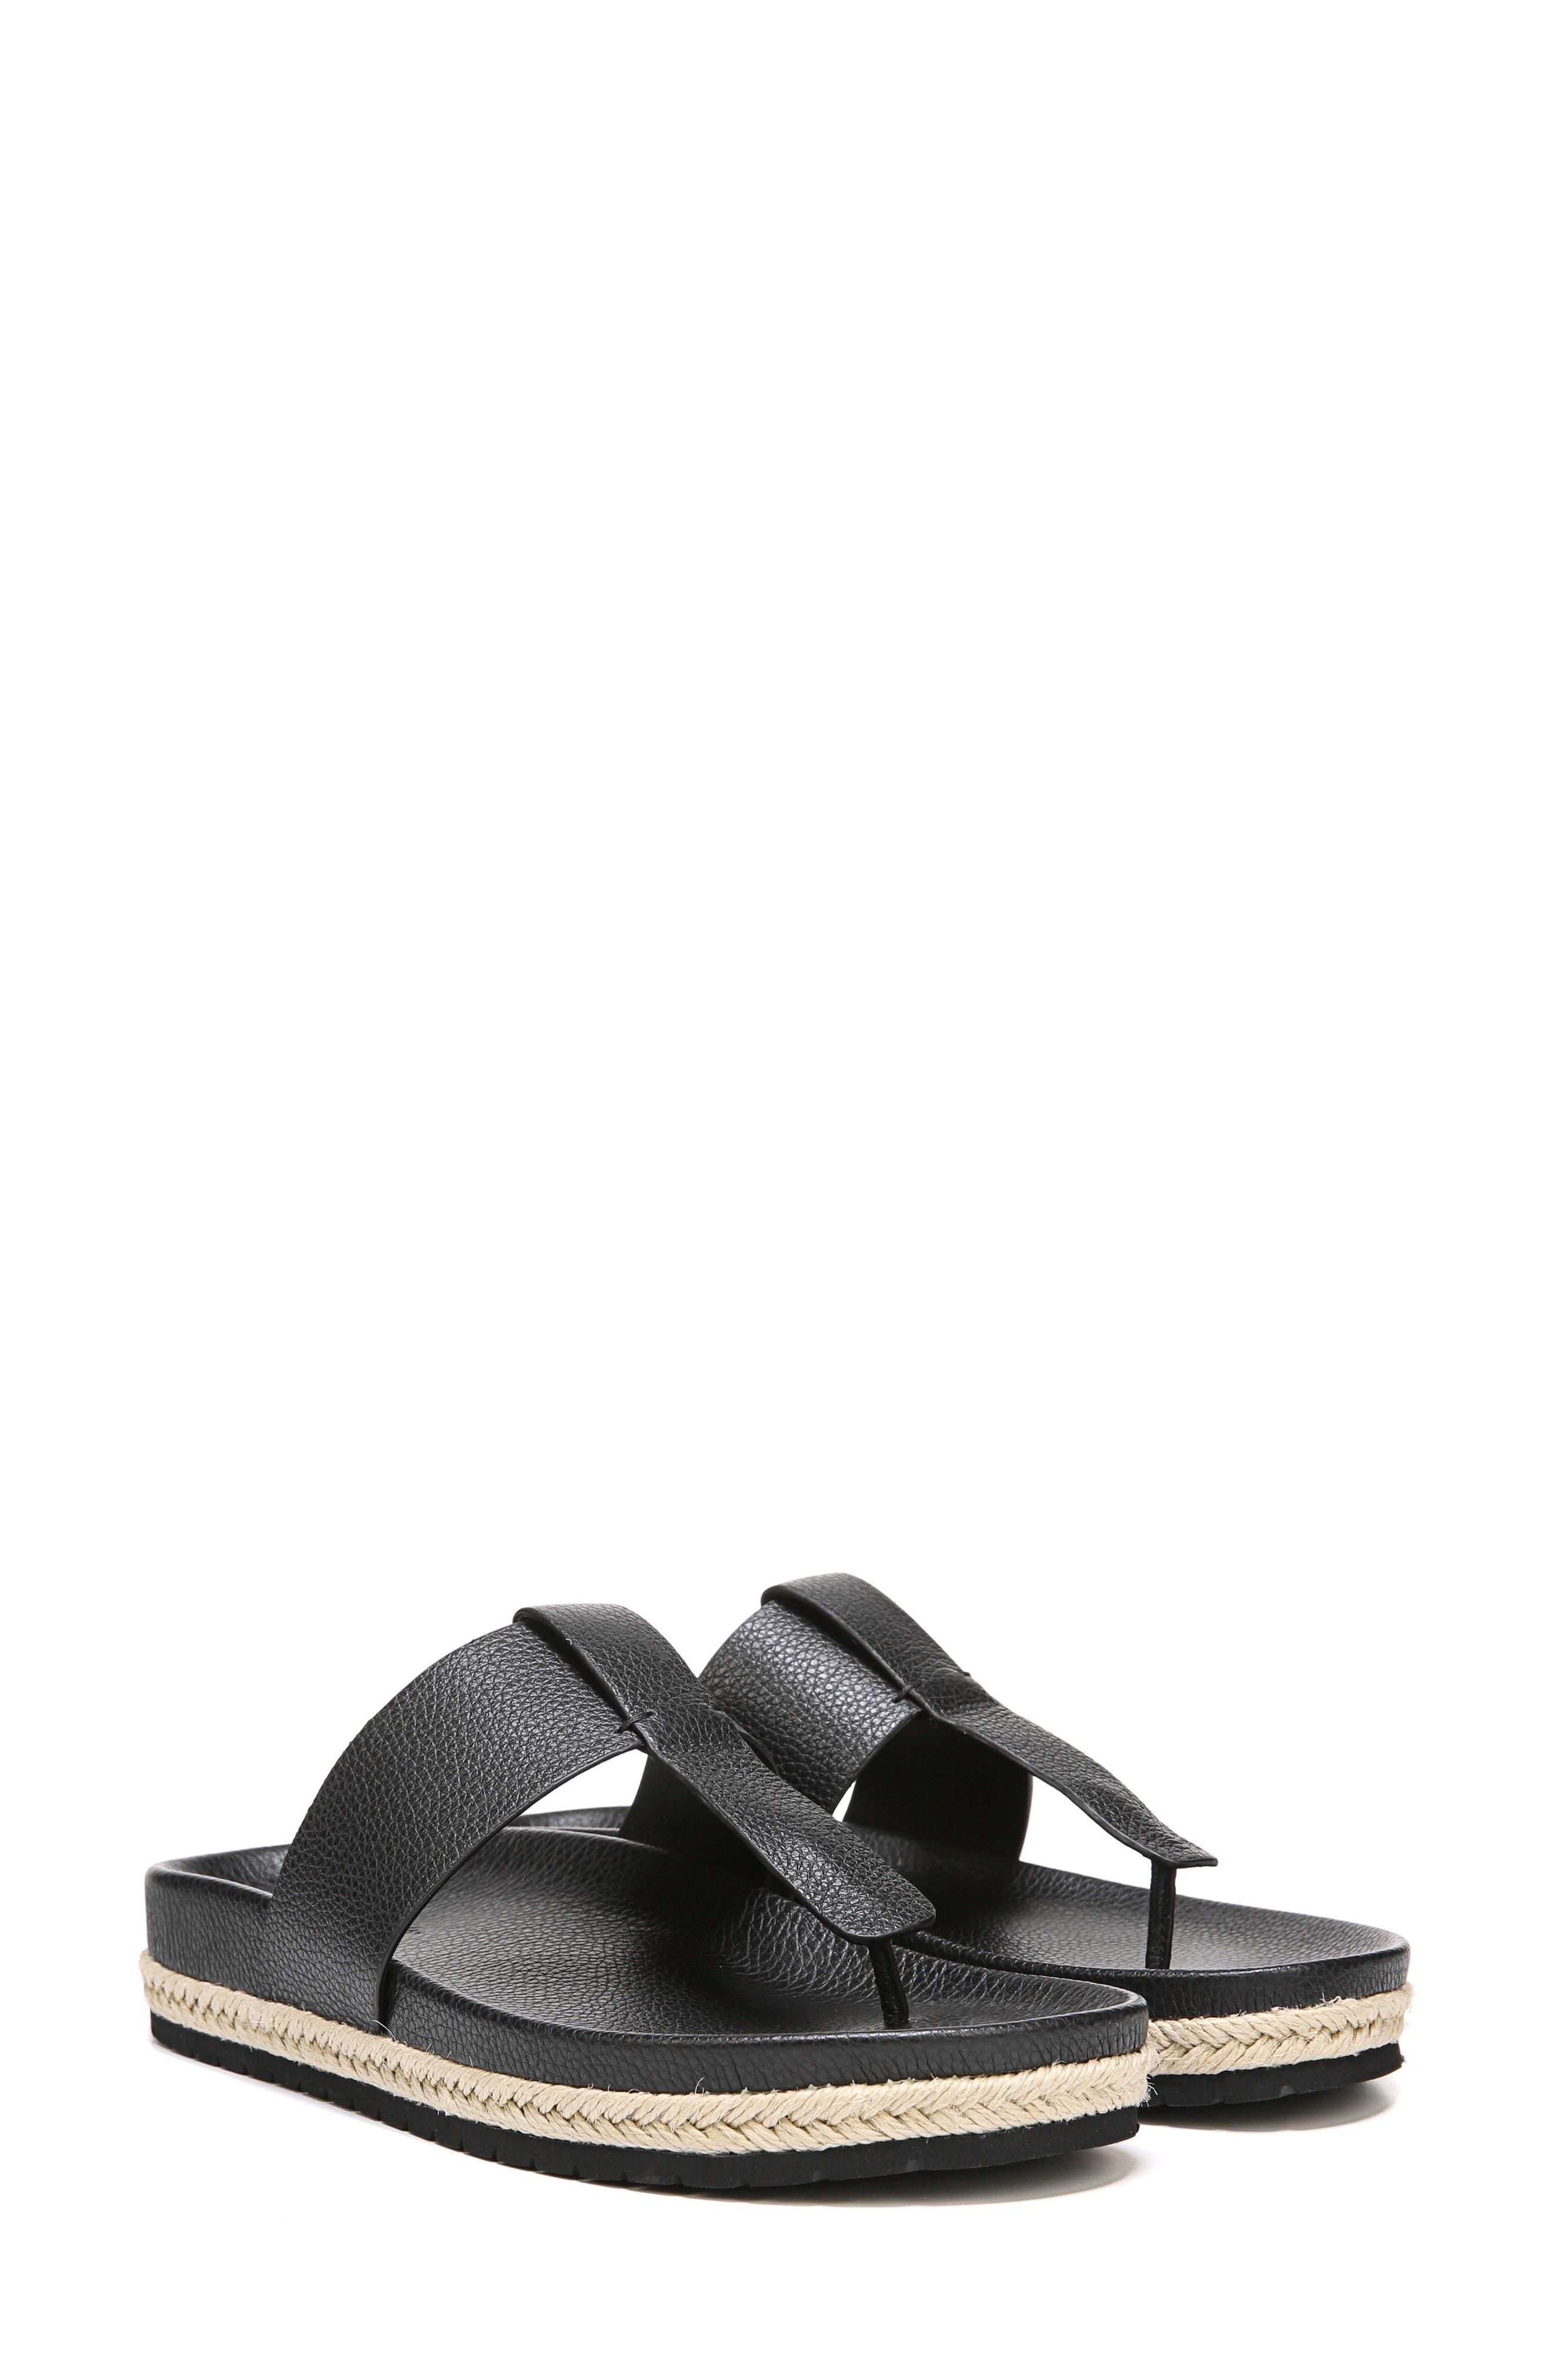 Avani T-Strap Flat Sandal,                             Alternate thumbnail 29, color,